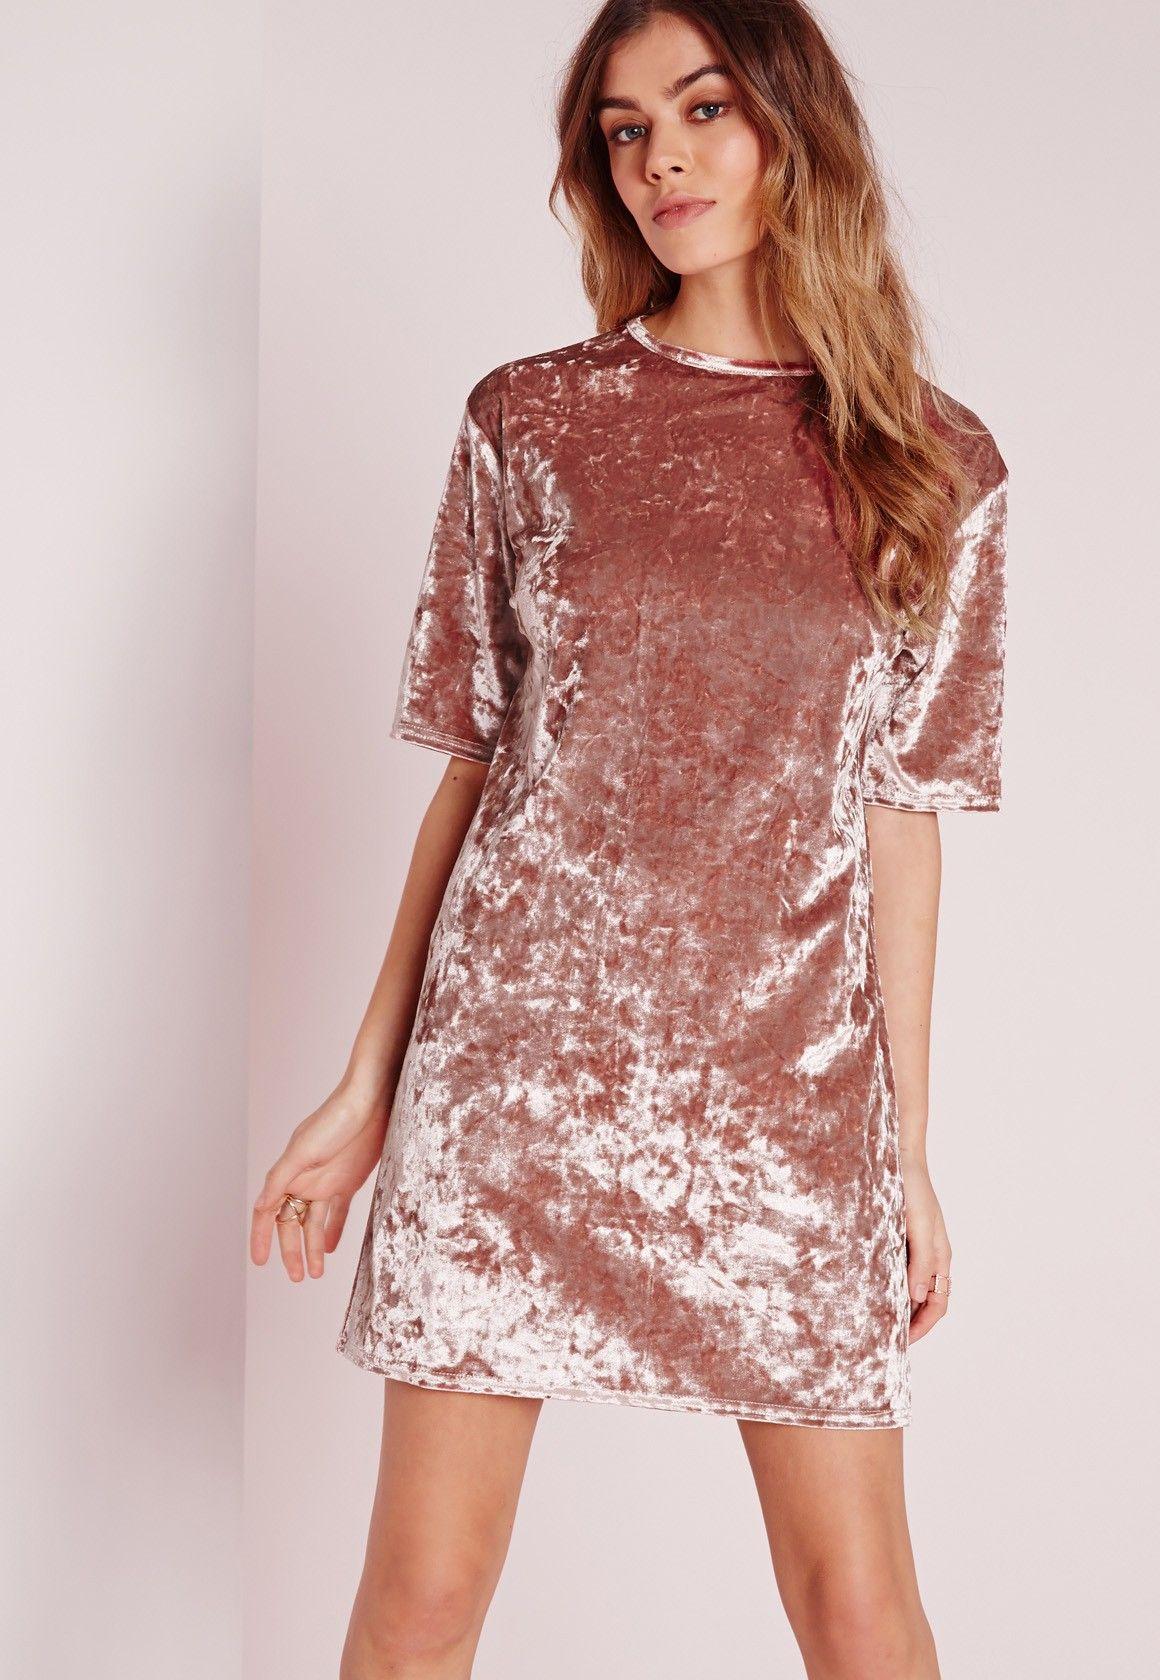 Missguided - Oversized Crushed Velvet T-Shirt Dress Pink | velvet | Pinterest | Crushed velvet ...